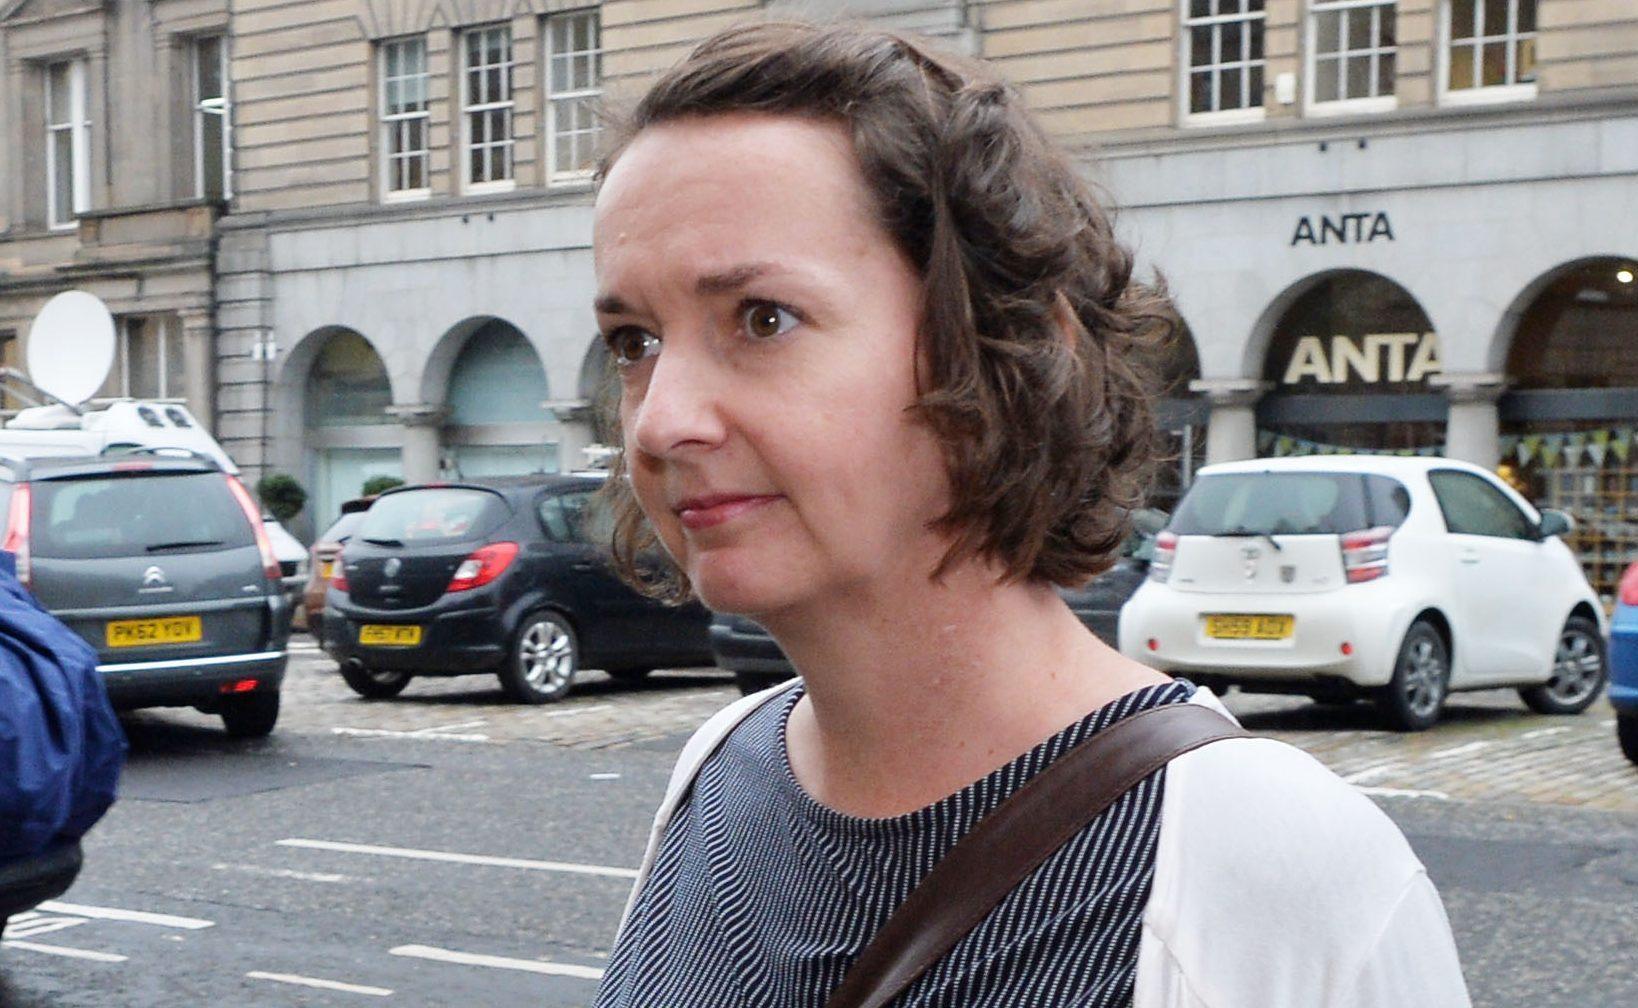 UK nurse who got Ebola in West Africa hospitalized again